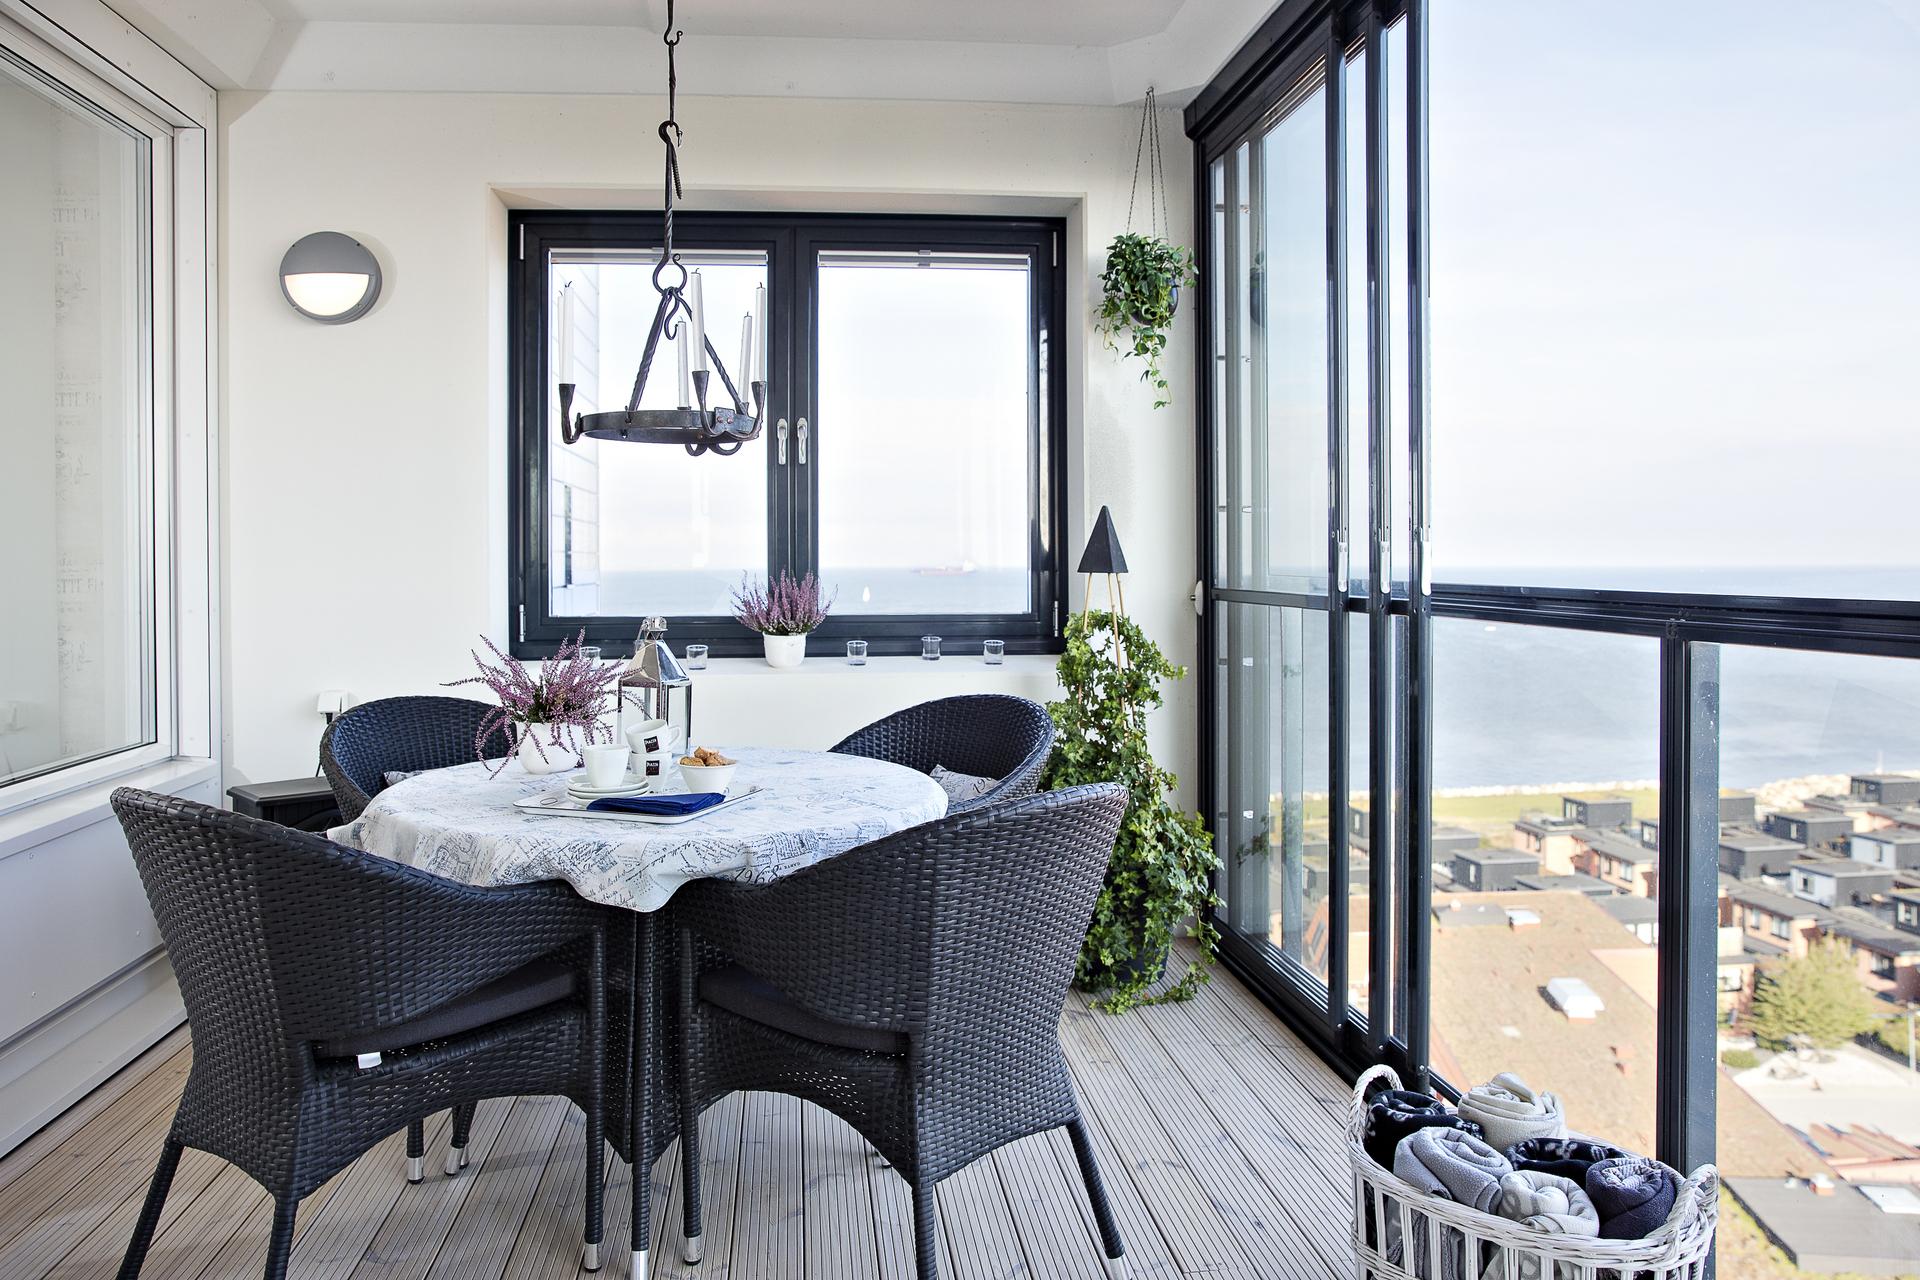 Den andra delen av balkongen har plats för ytterligare möblemang och erbjuder även vy mot Danmark i väster